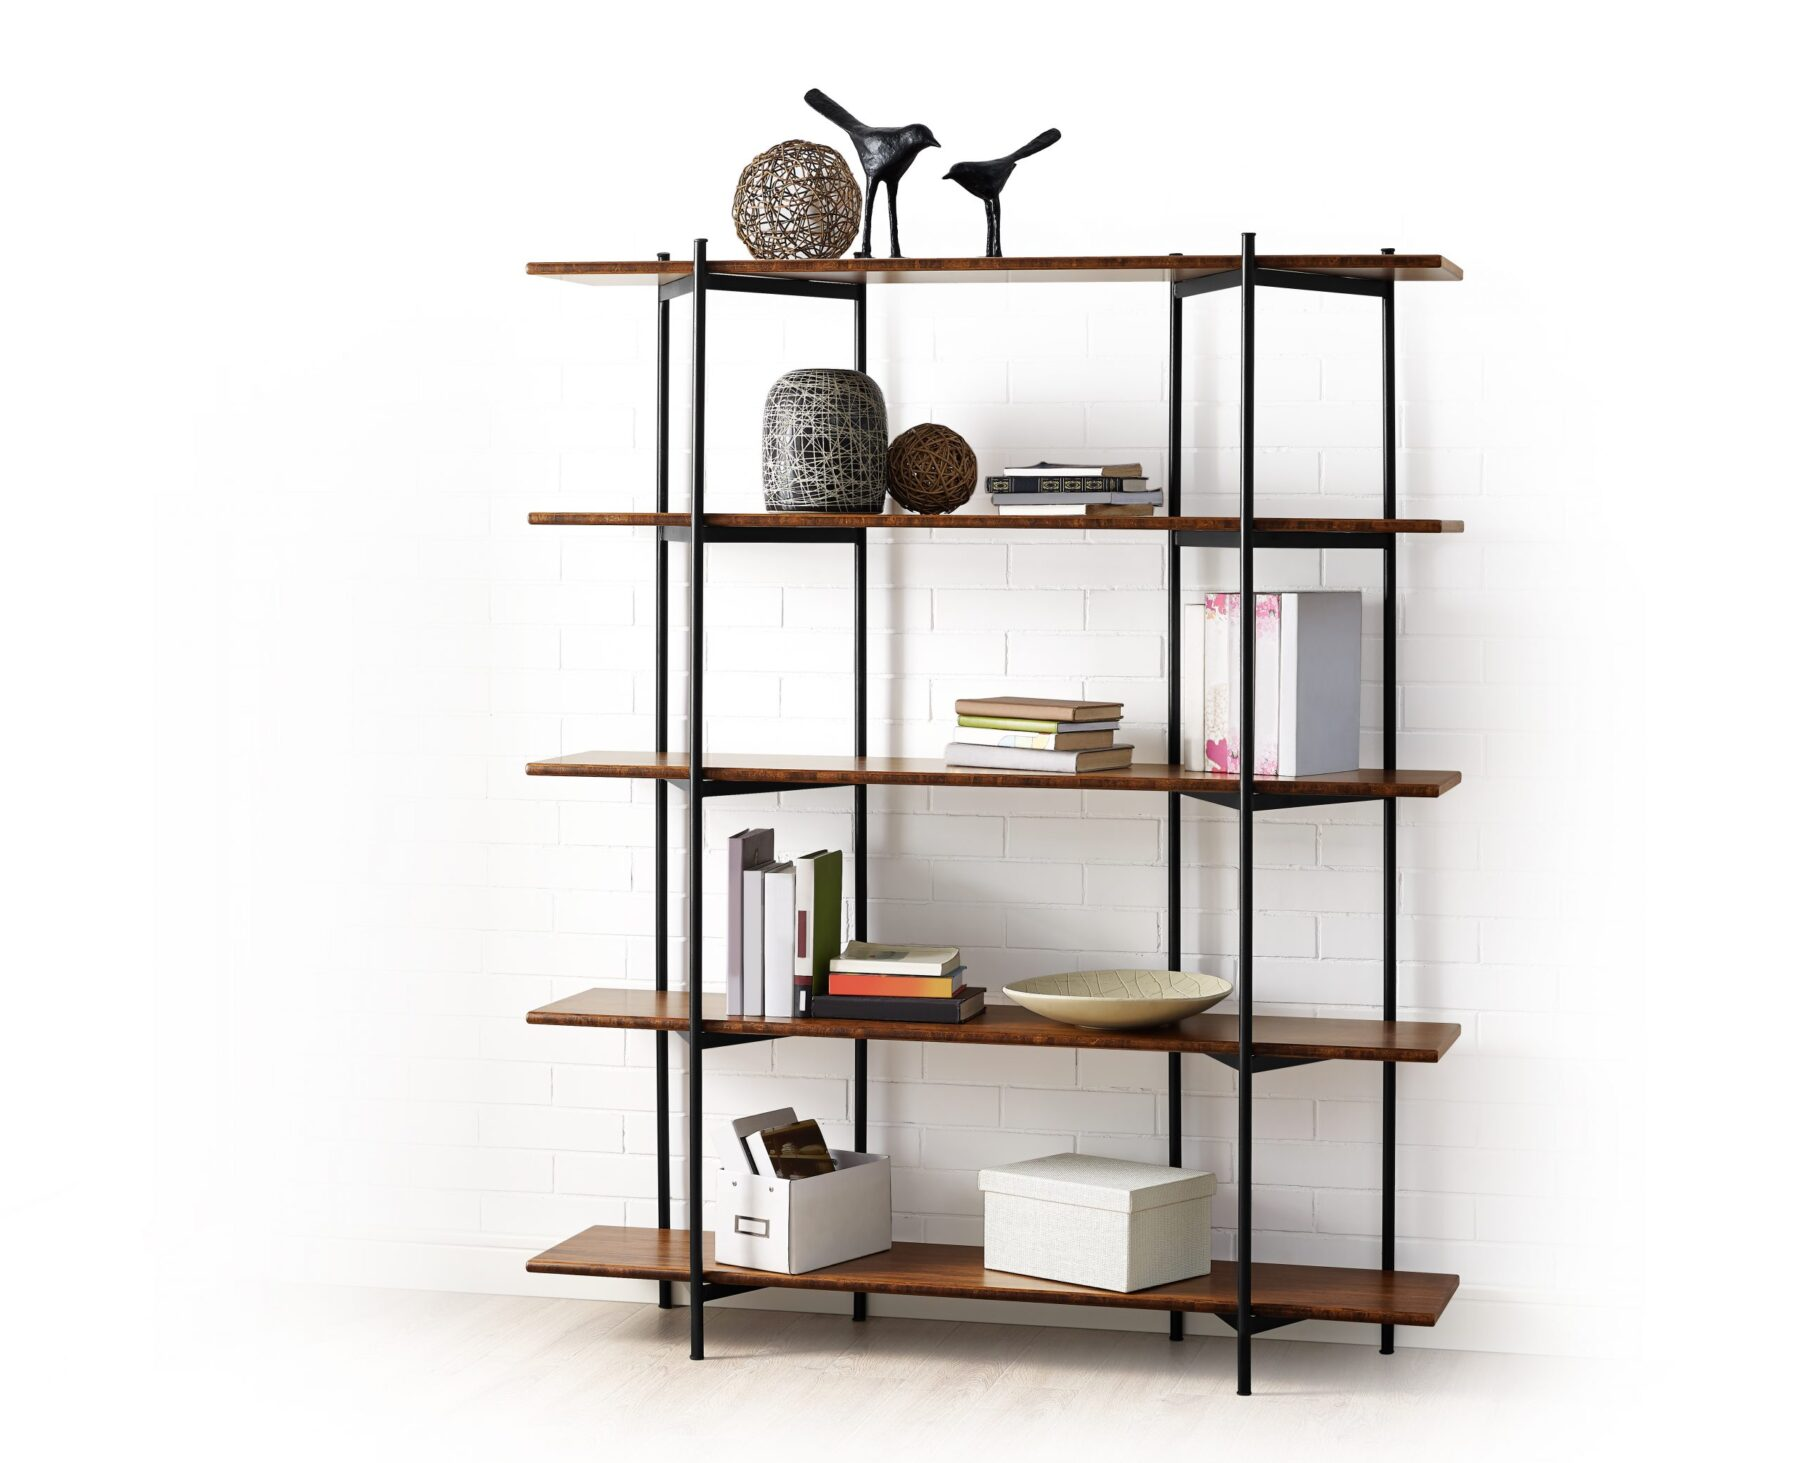 GS001E Studio Line Shelf Lifestyle Silo